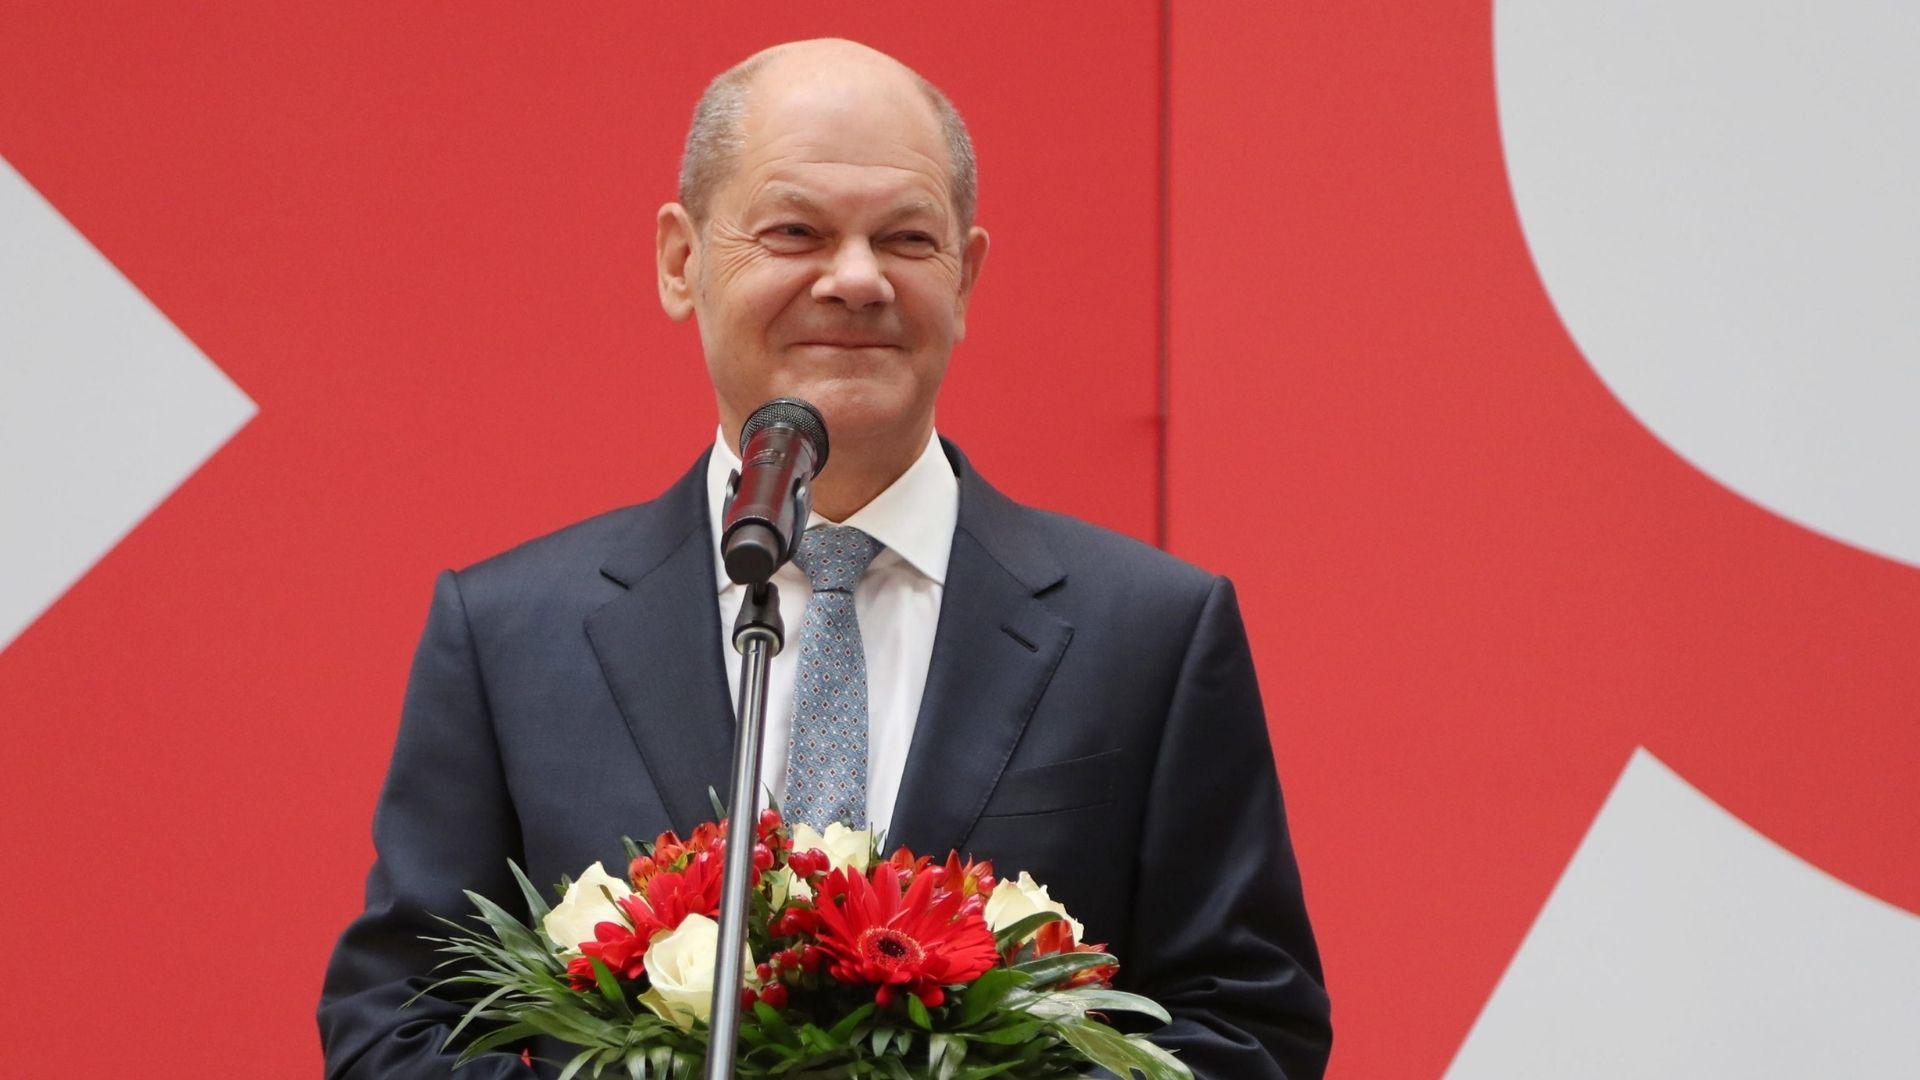 Elezioni tedesche, per Scholz dalla crisi si esce a sinistra